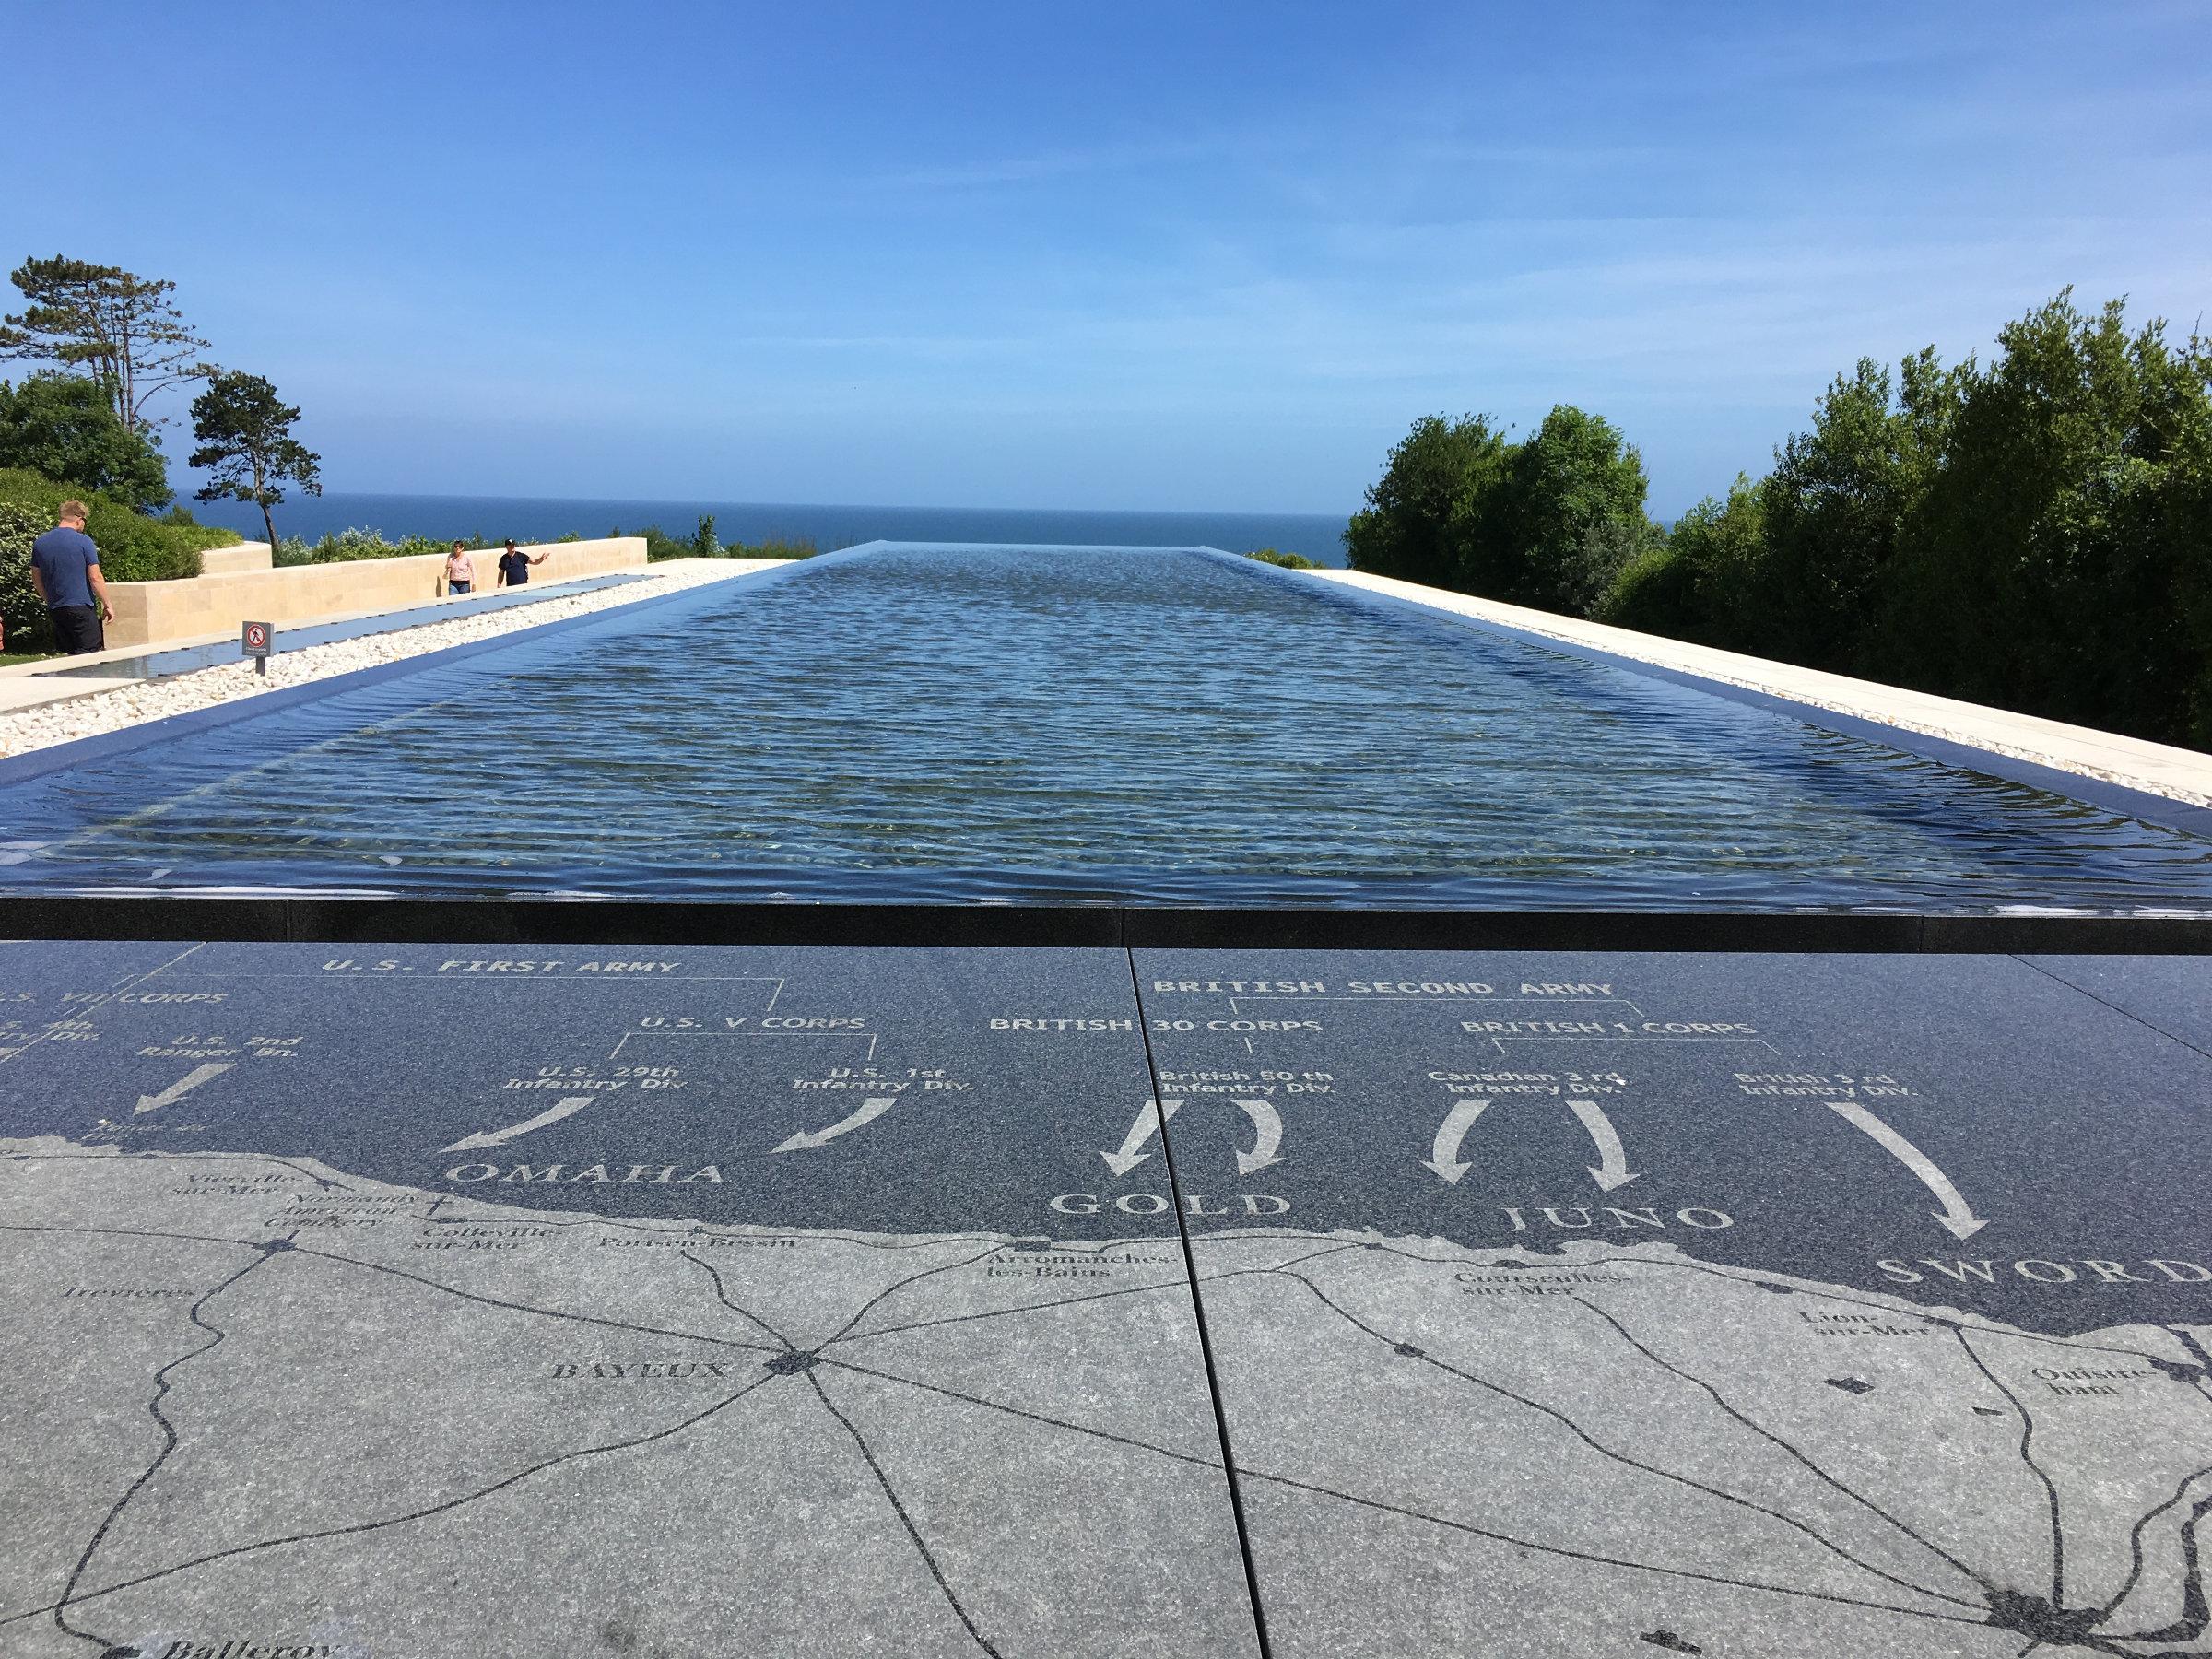 Normandie Soldatenfriedhof Wasserinstallation